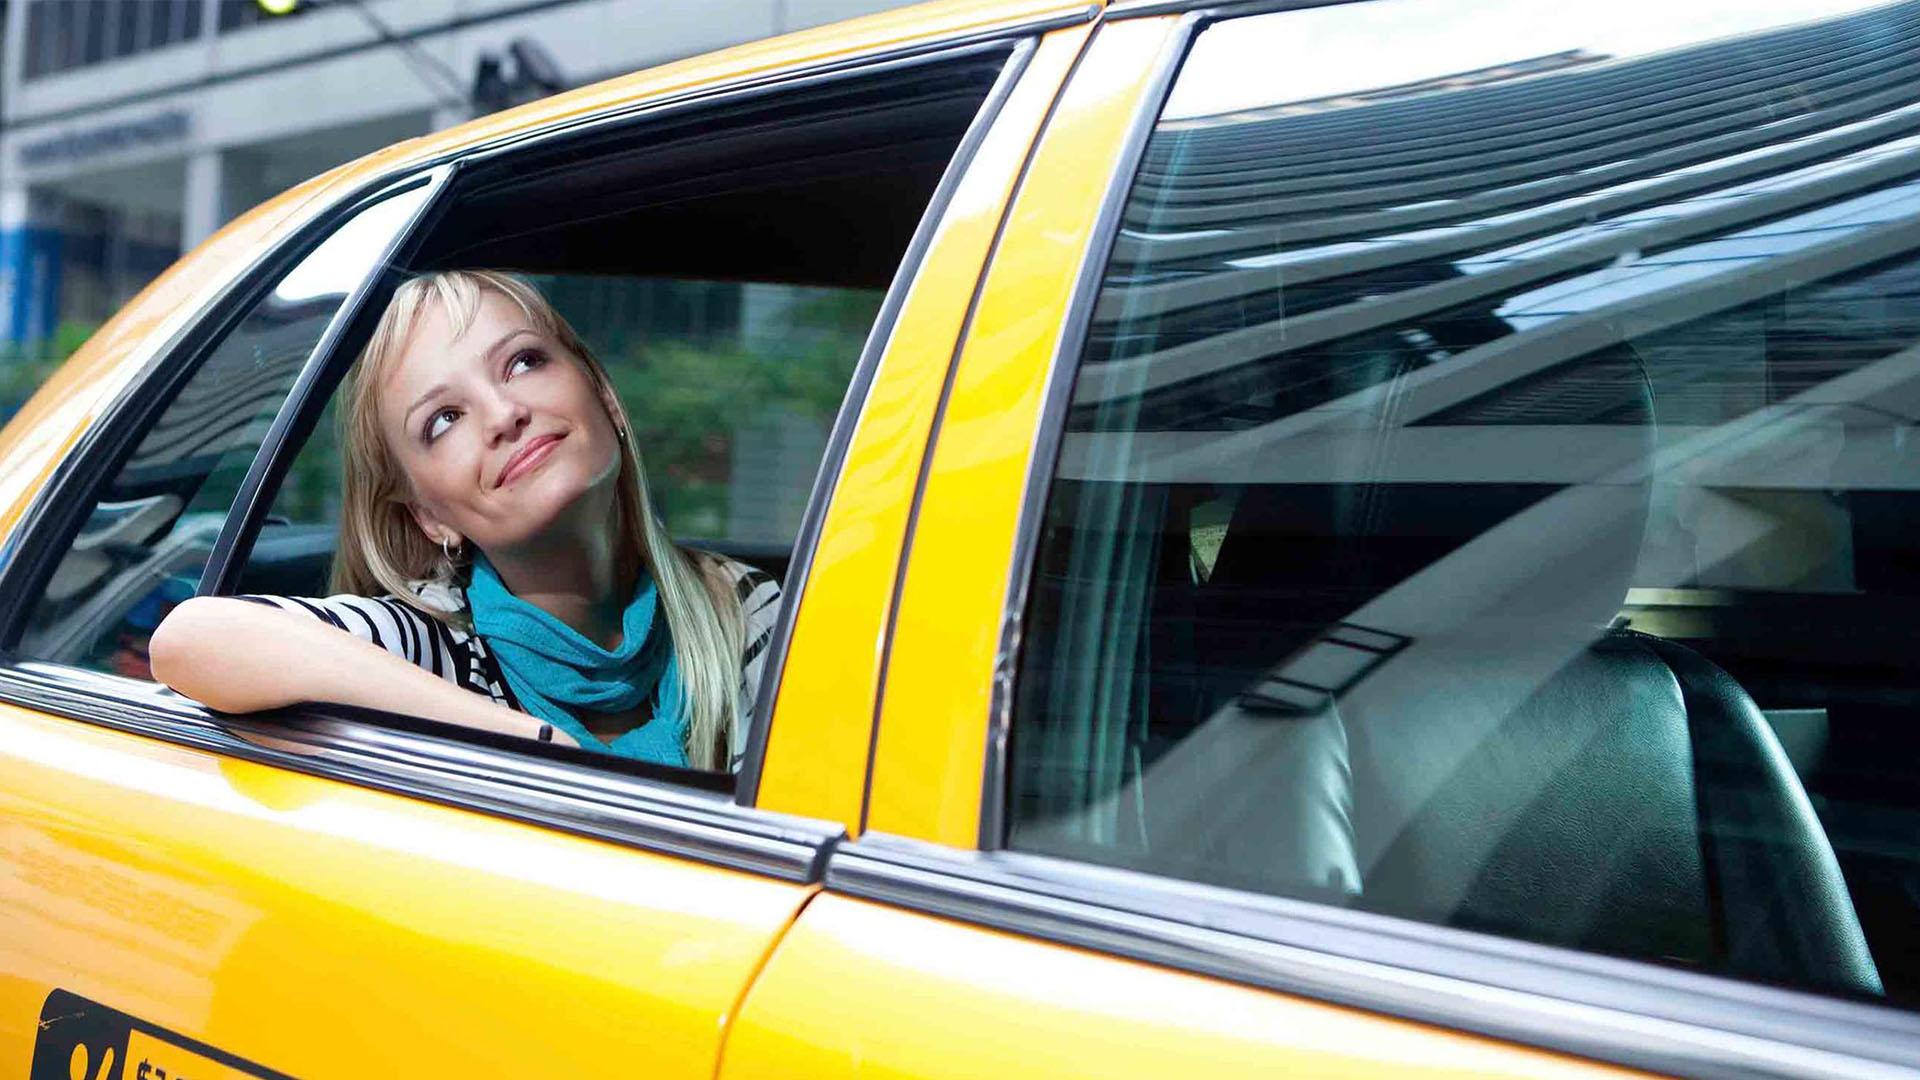 Общественники предложили вакцинированным пассажирам такси предоставить бонусы